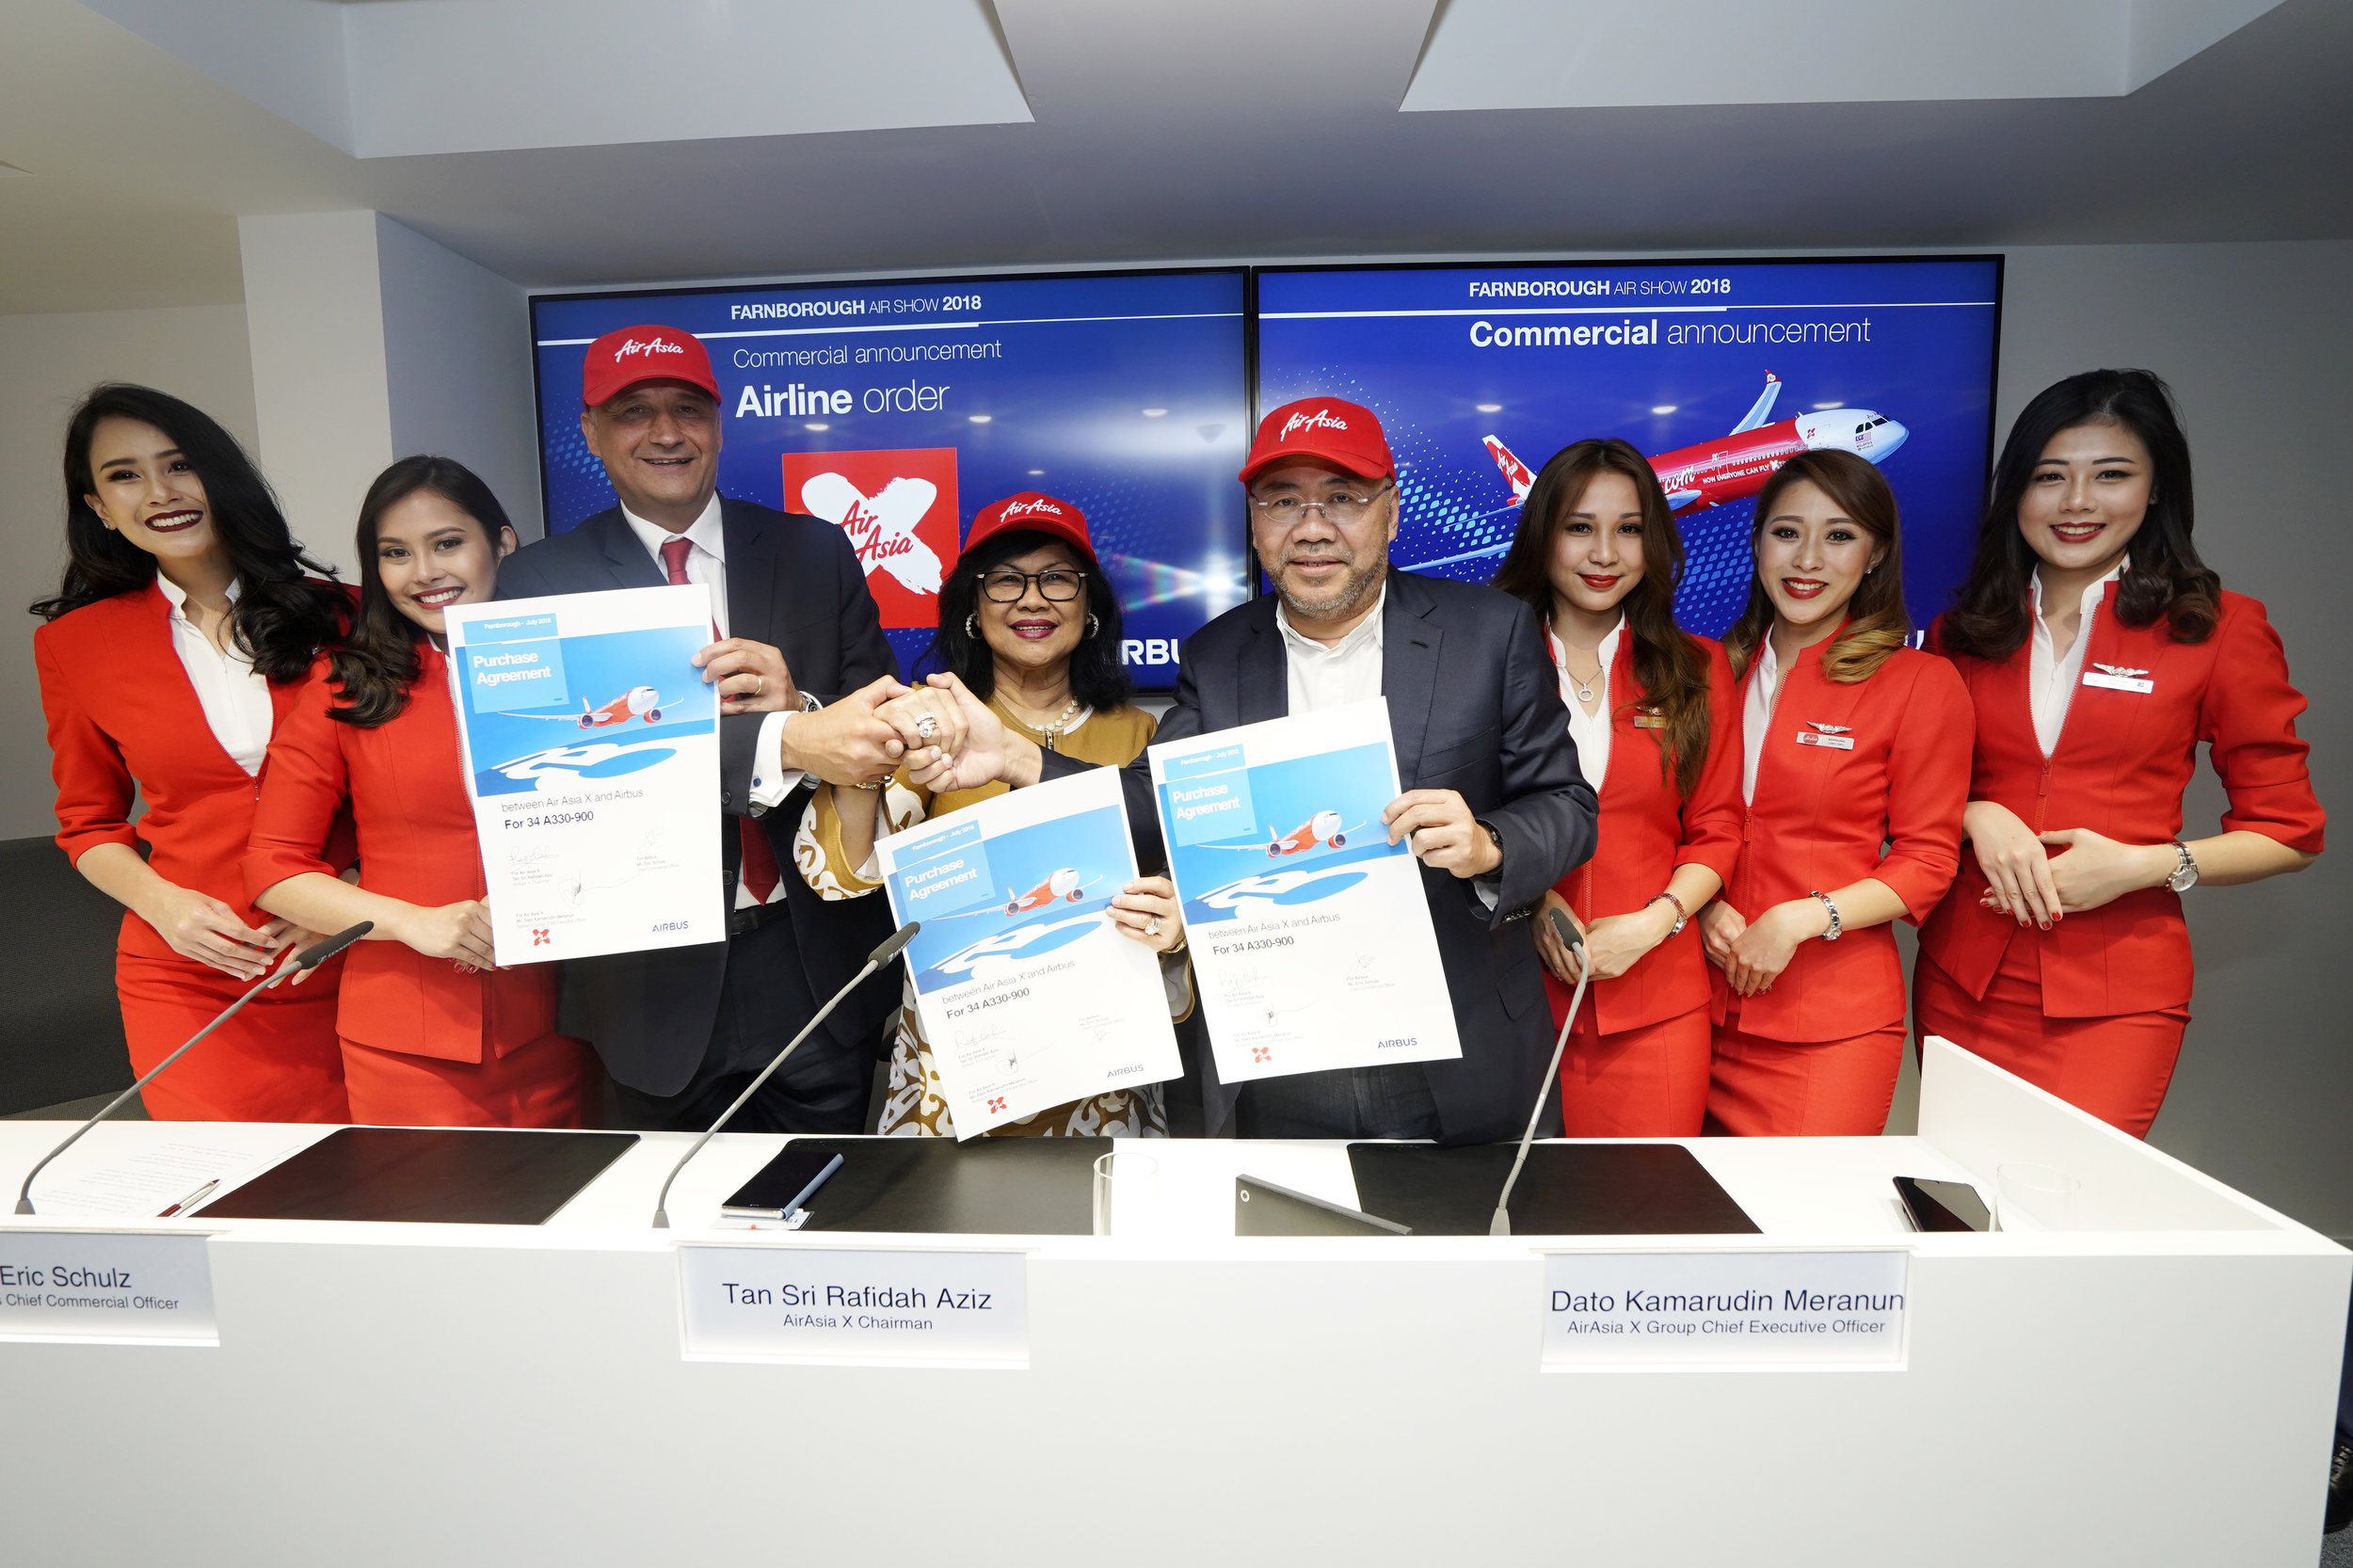 (왼쪽에서 세 번째부터 오른쪽으로) 에릭 슐츠 에어버스 CCO, 라피다 아지즈 에어아시아 엑스 회장, 카마루딘 메라눈 에어아시아 공동창업자 및 에어아시아 엑스 그룹 CEO가 2018 판버러 에어쇼에서 승무원들과 함께 항공기 주문 계약을 발표하고 있다.